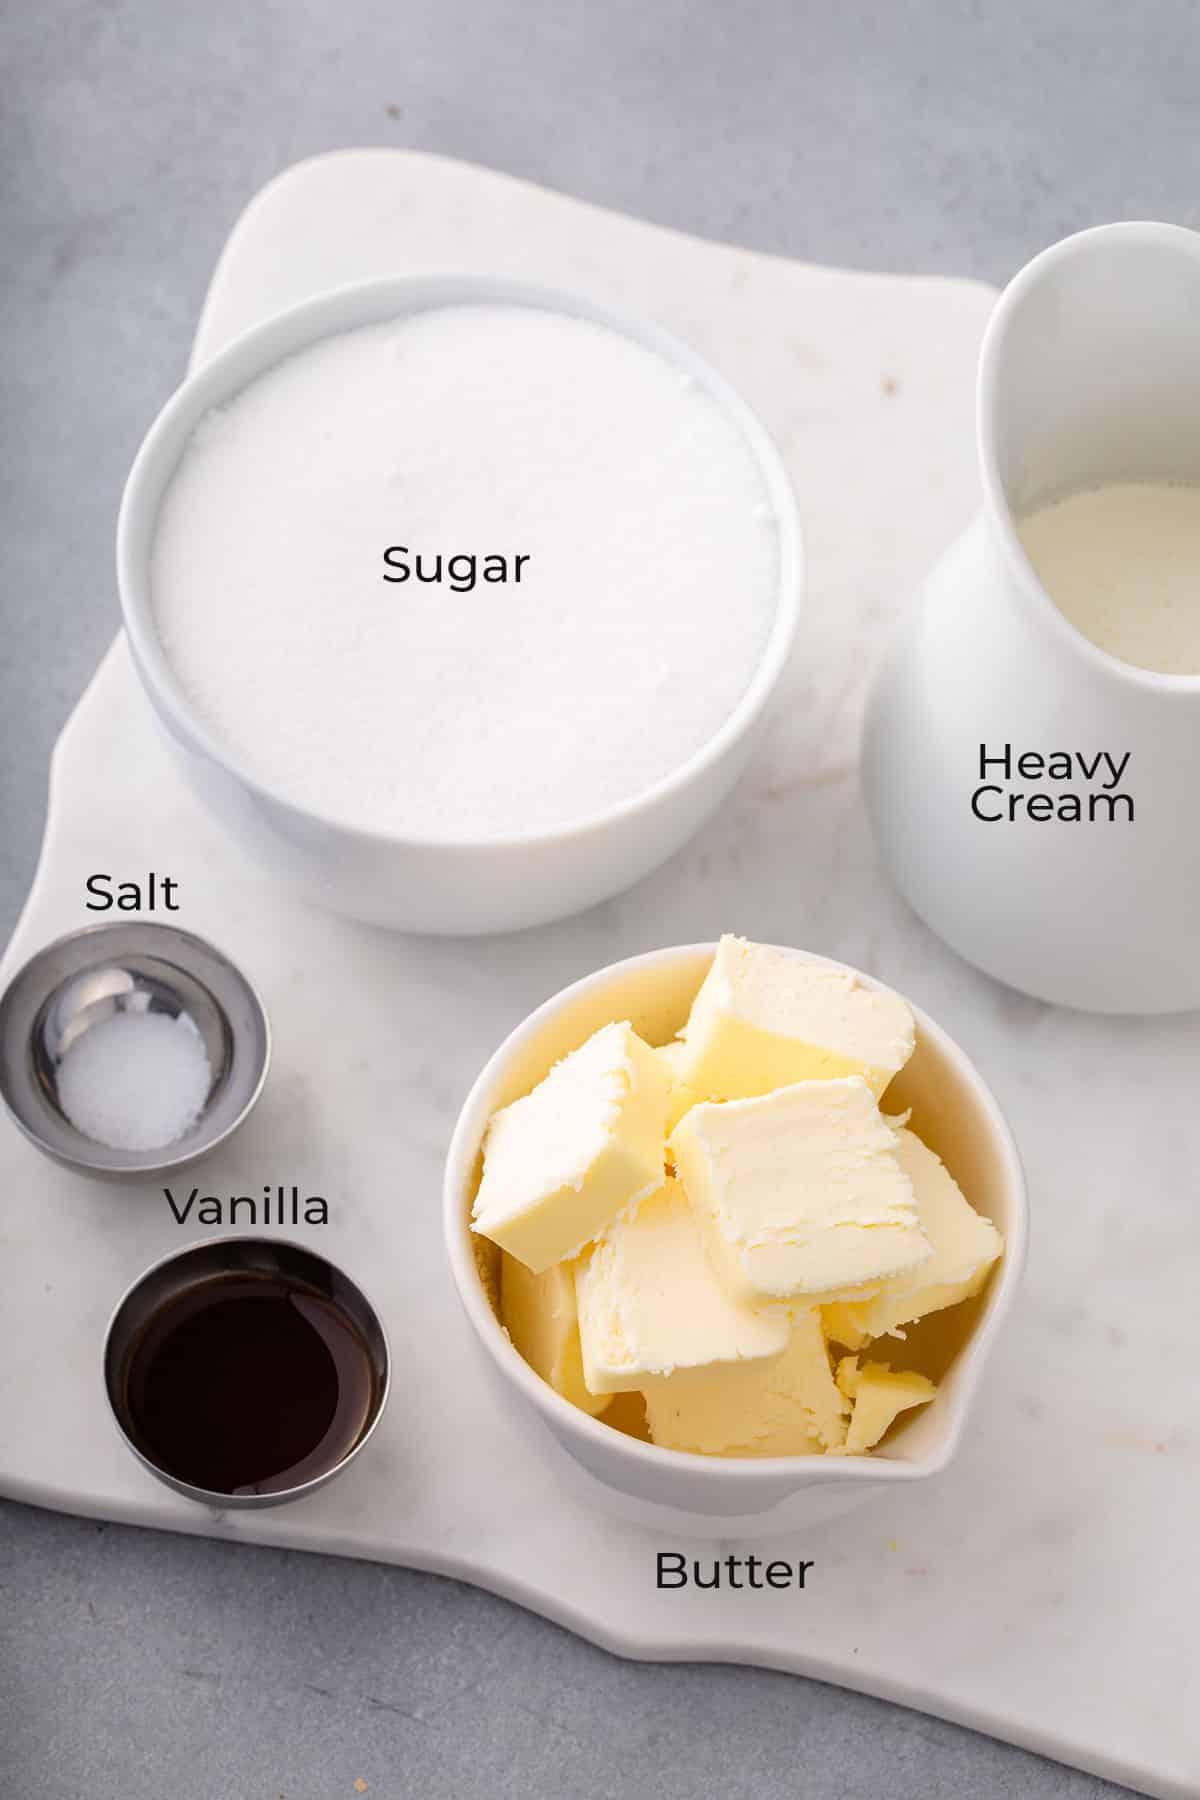 Ingredients to make caramel sauce